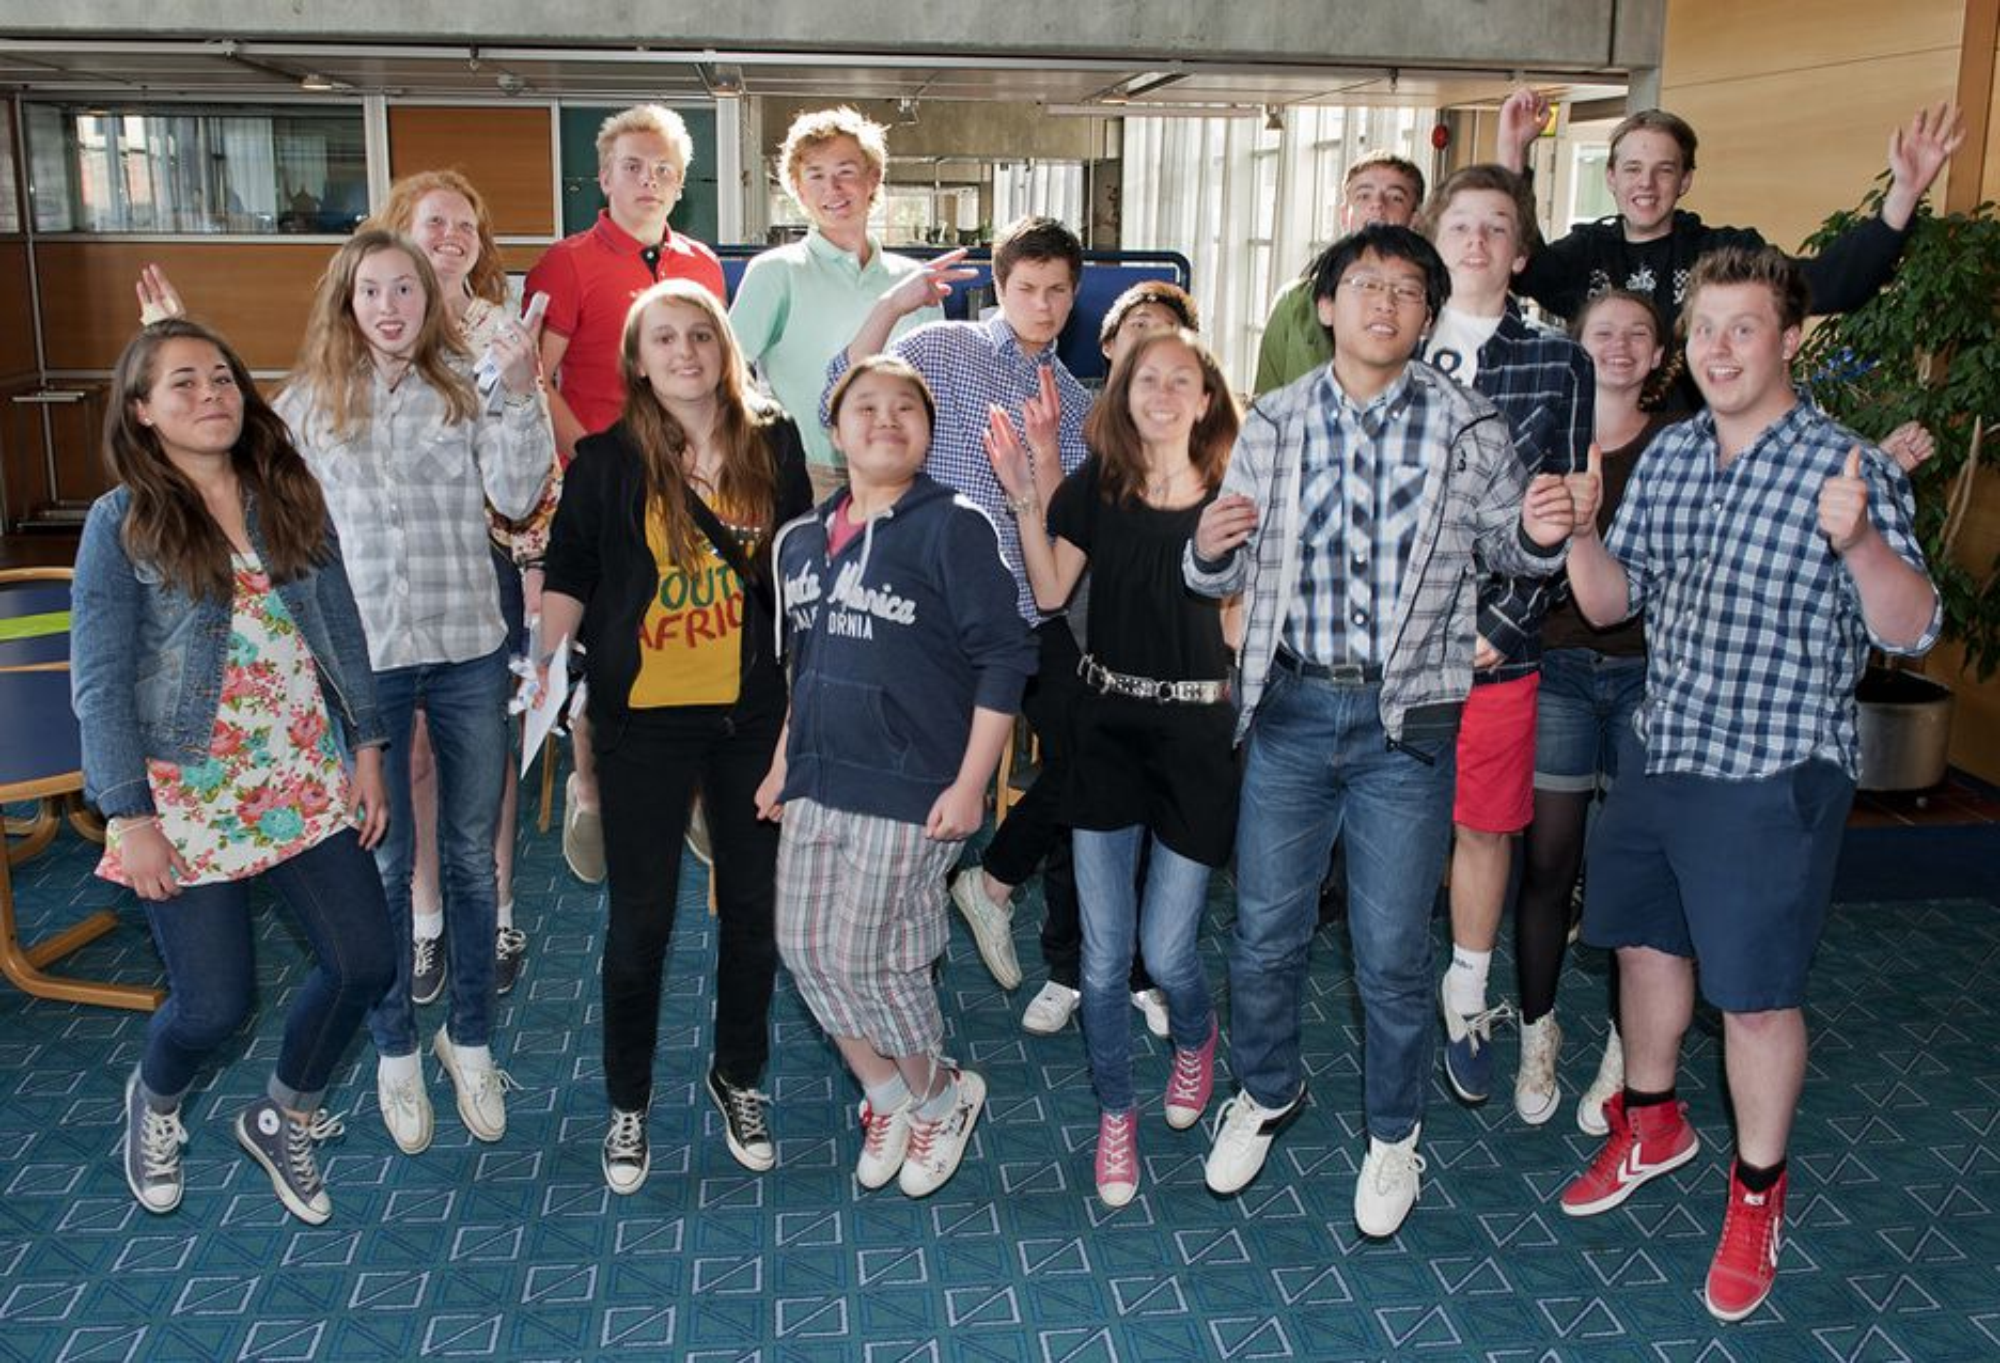 16 finalister stakk av med førstepremien i Albertkonkurransen i matematikk i helgen.